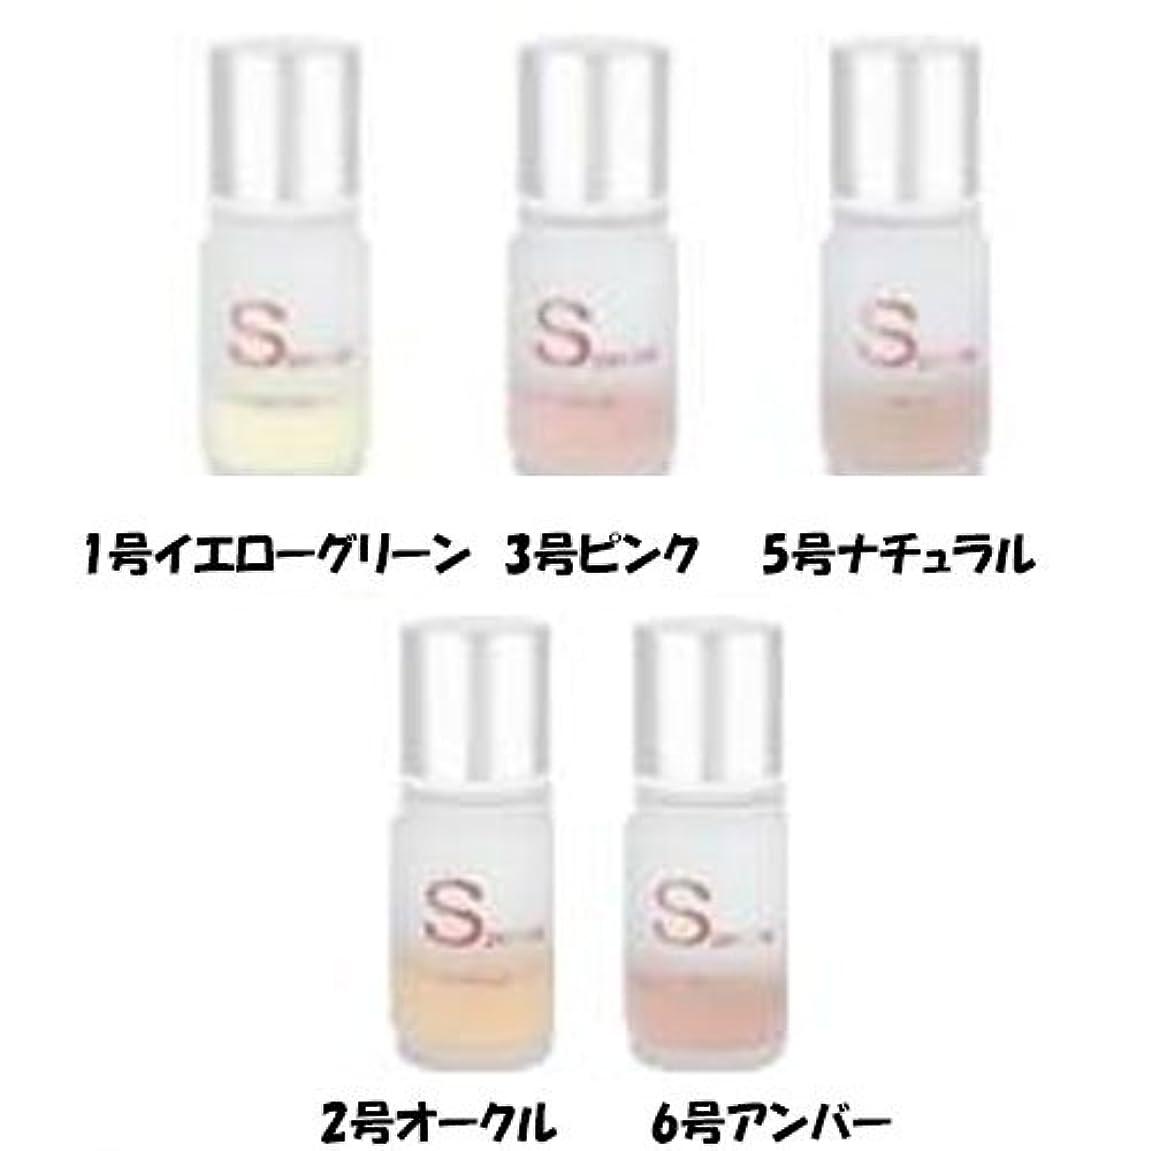 適応するゲインセイ衝撃ジュポン スペシャルファンデーションS 30mL (5 ナチュラル)